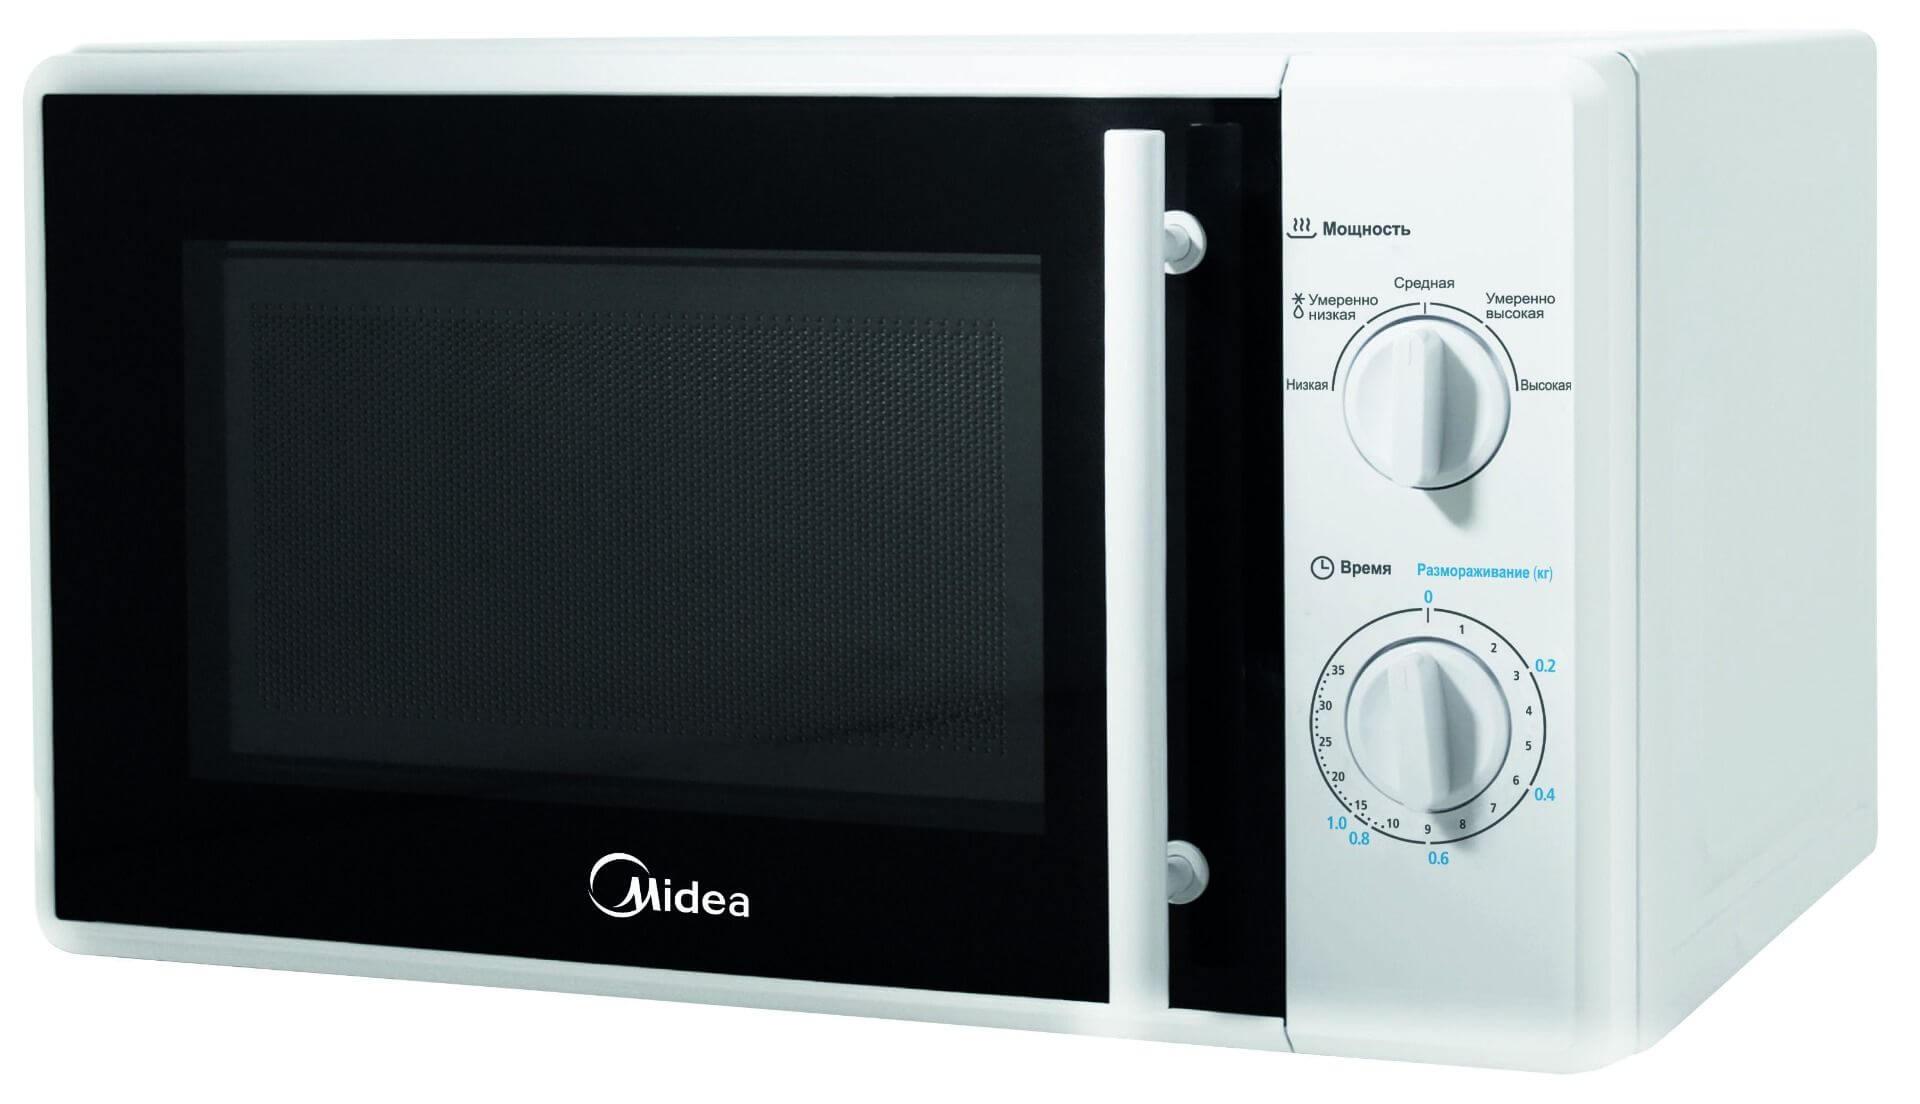 Микроволновая печь Midea MM720CPU фото